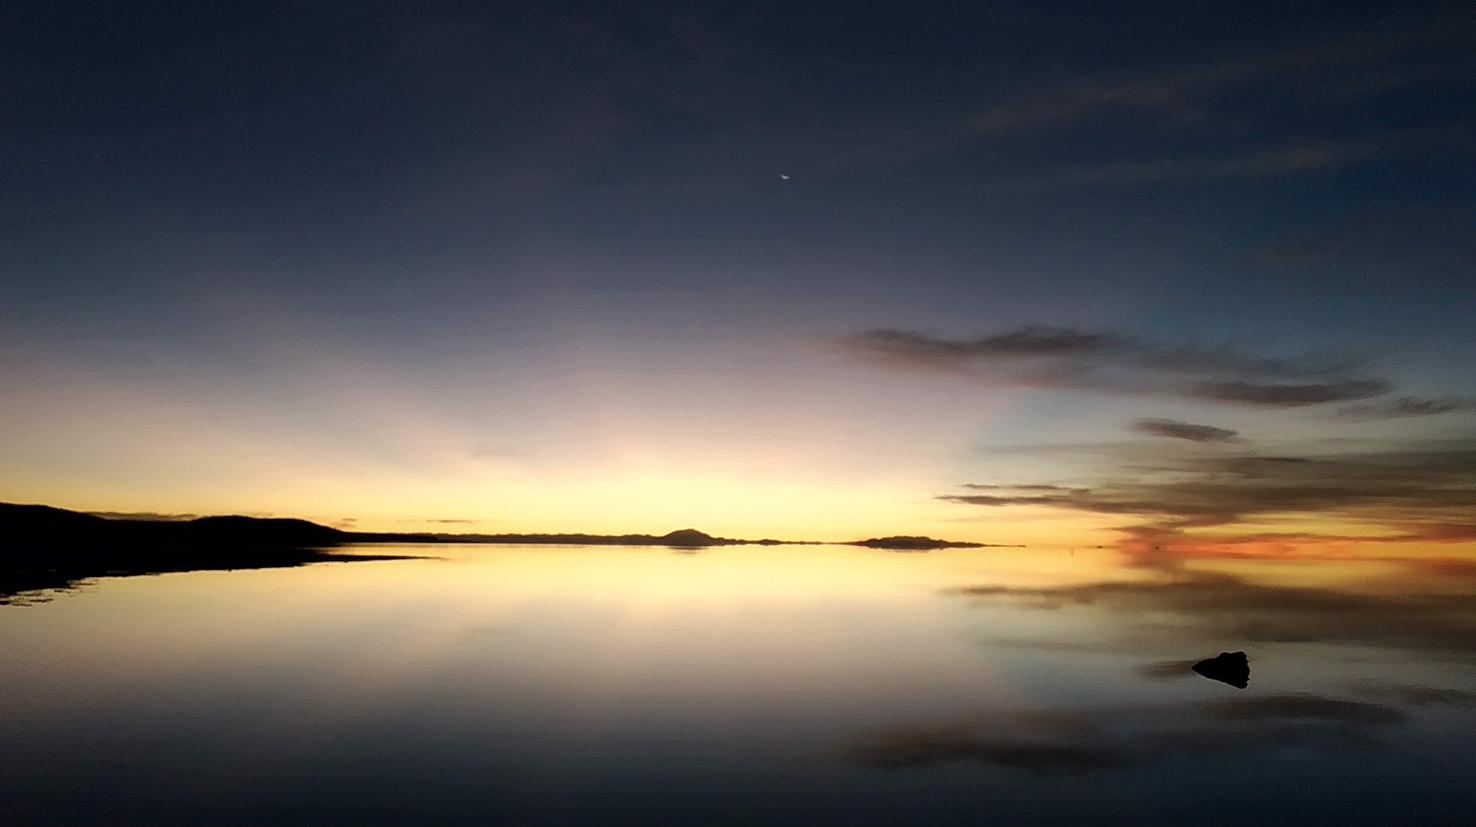 El salar de Uyuni desde donde la veas no pierde su belleza